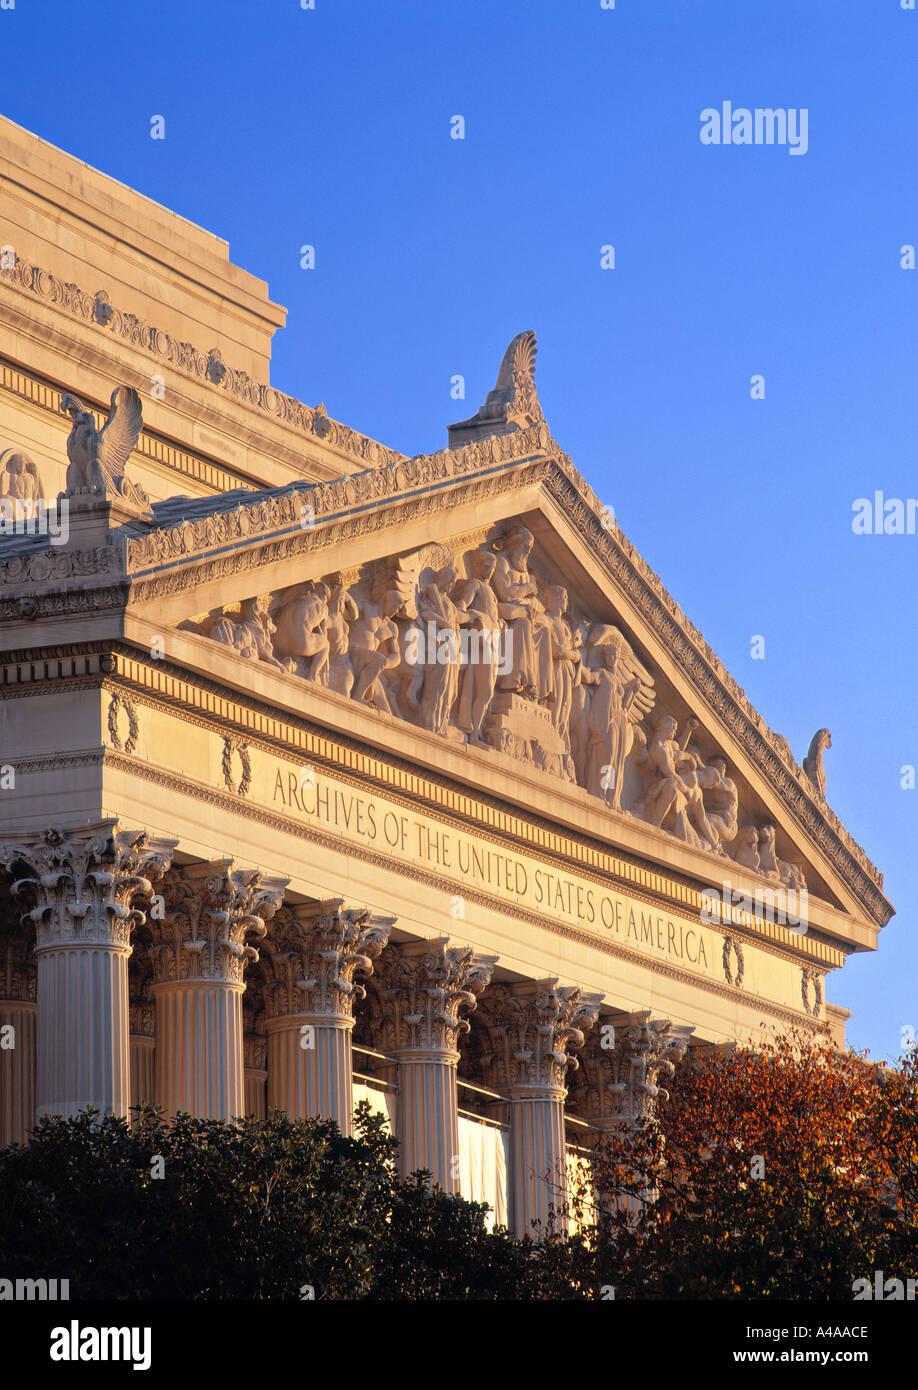 National Archives, Washington D.C., USA - Stock Image